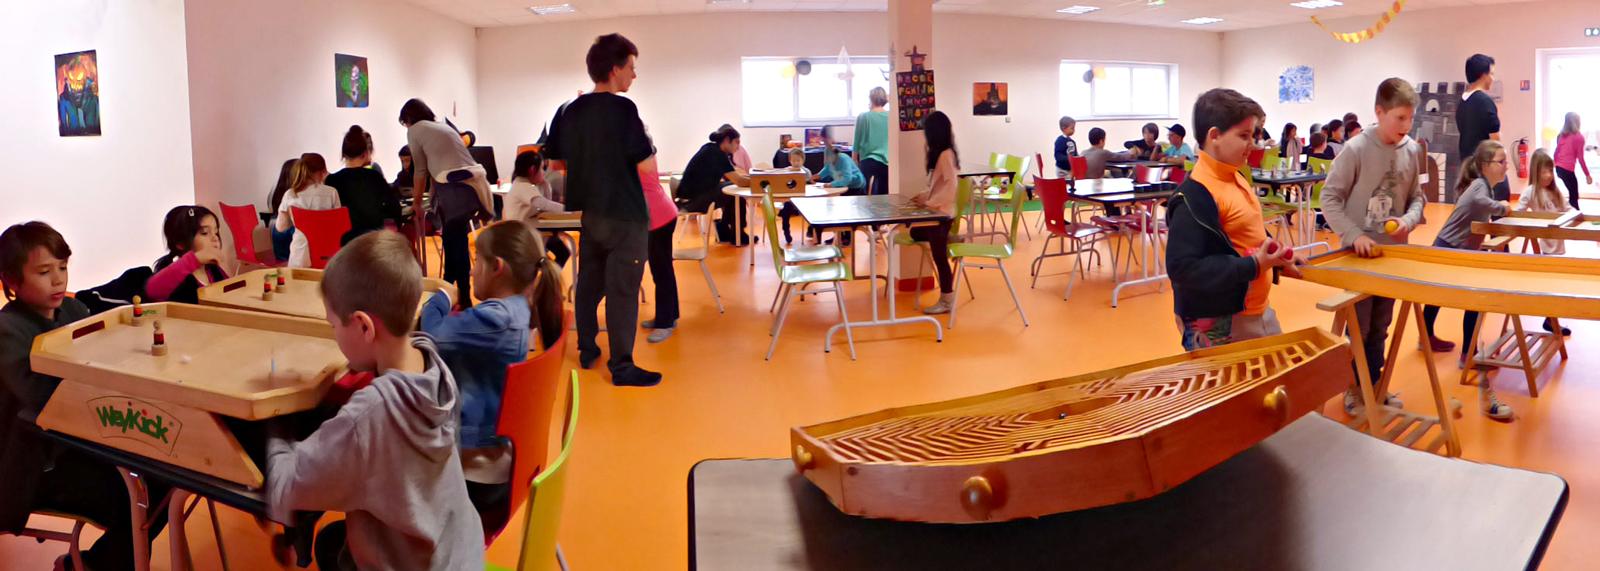 Salle d'animation et de soirées jeux de société de la Maison des Jeux à Aubière (en face du Leclerc au Sud de Clermont-Ferrand)